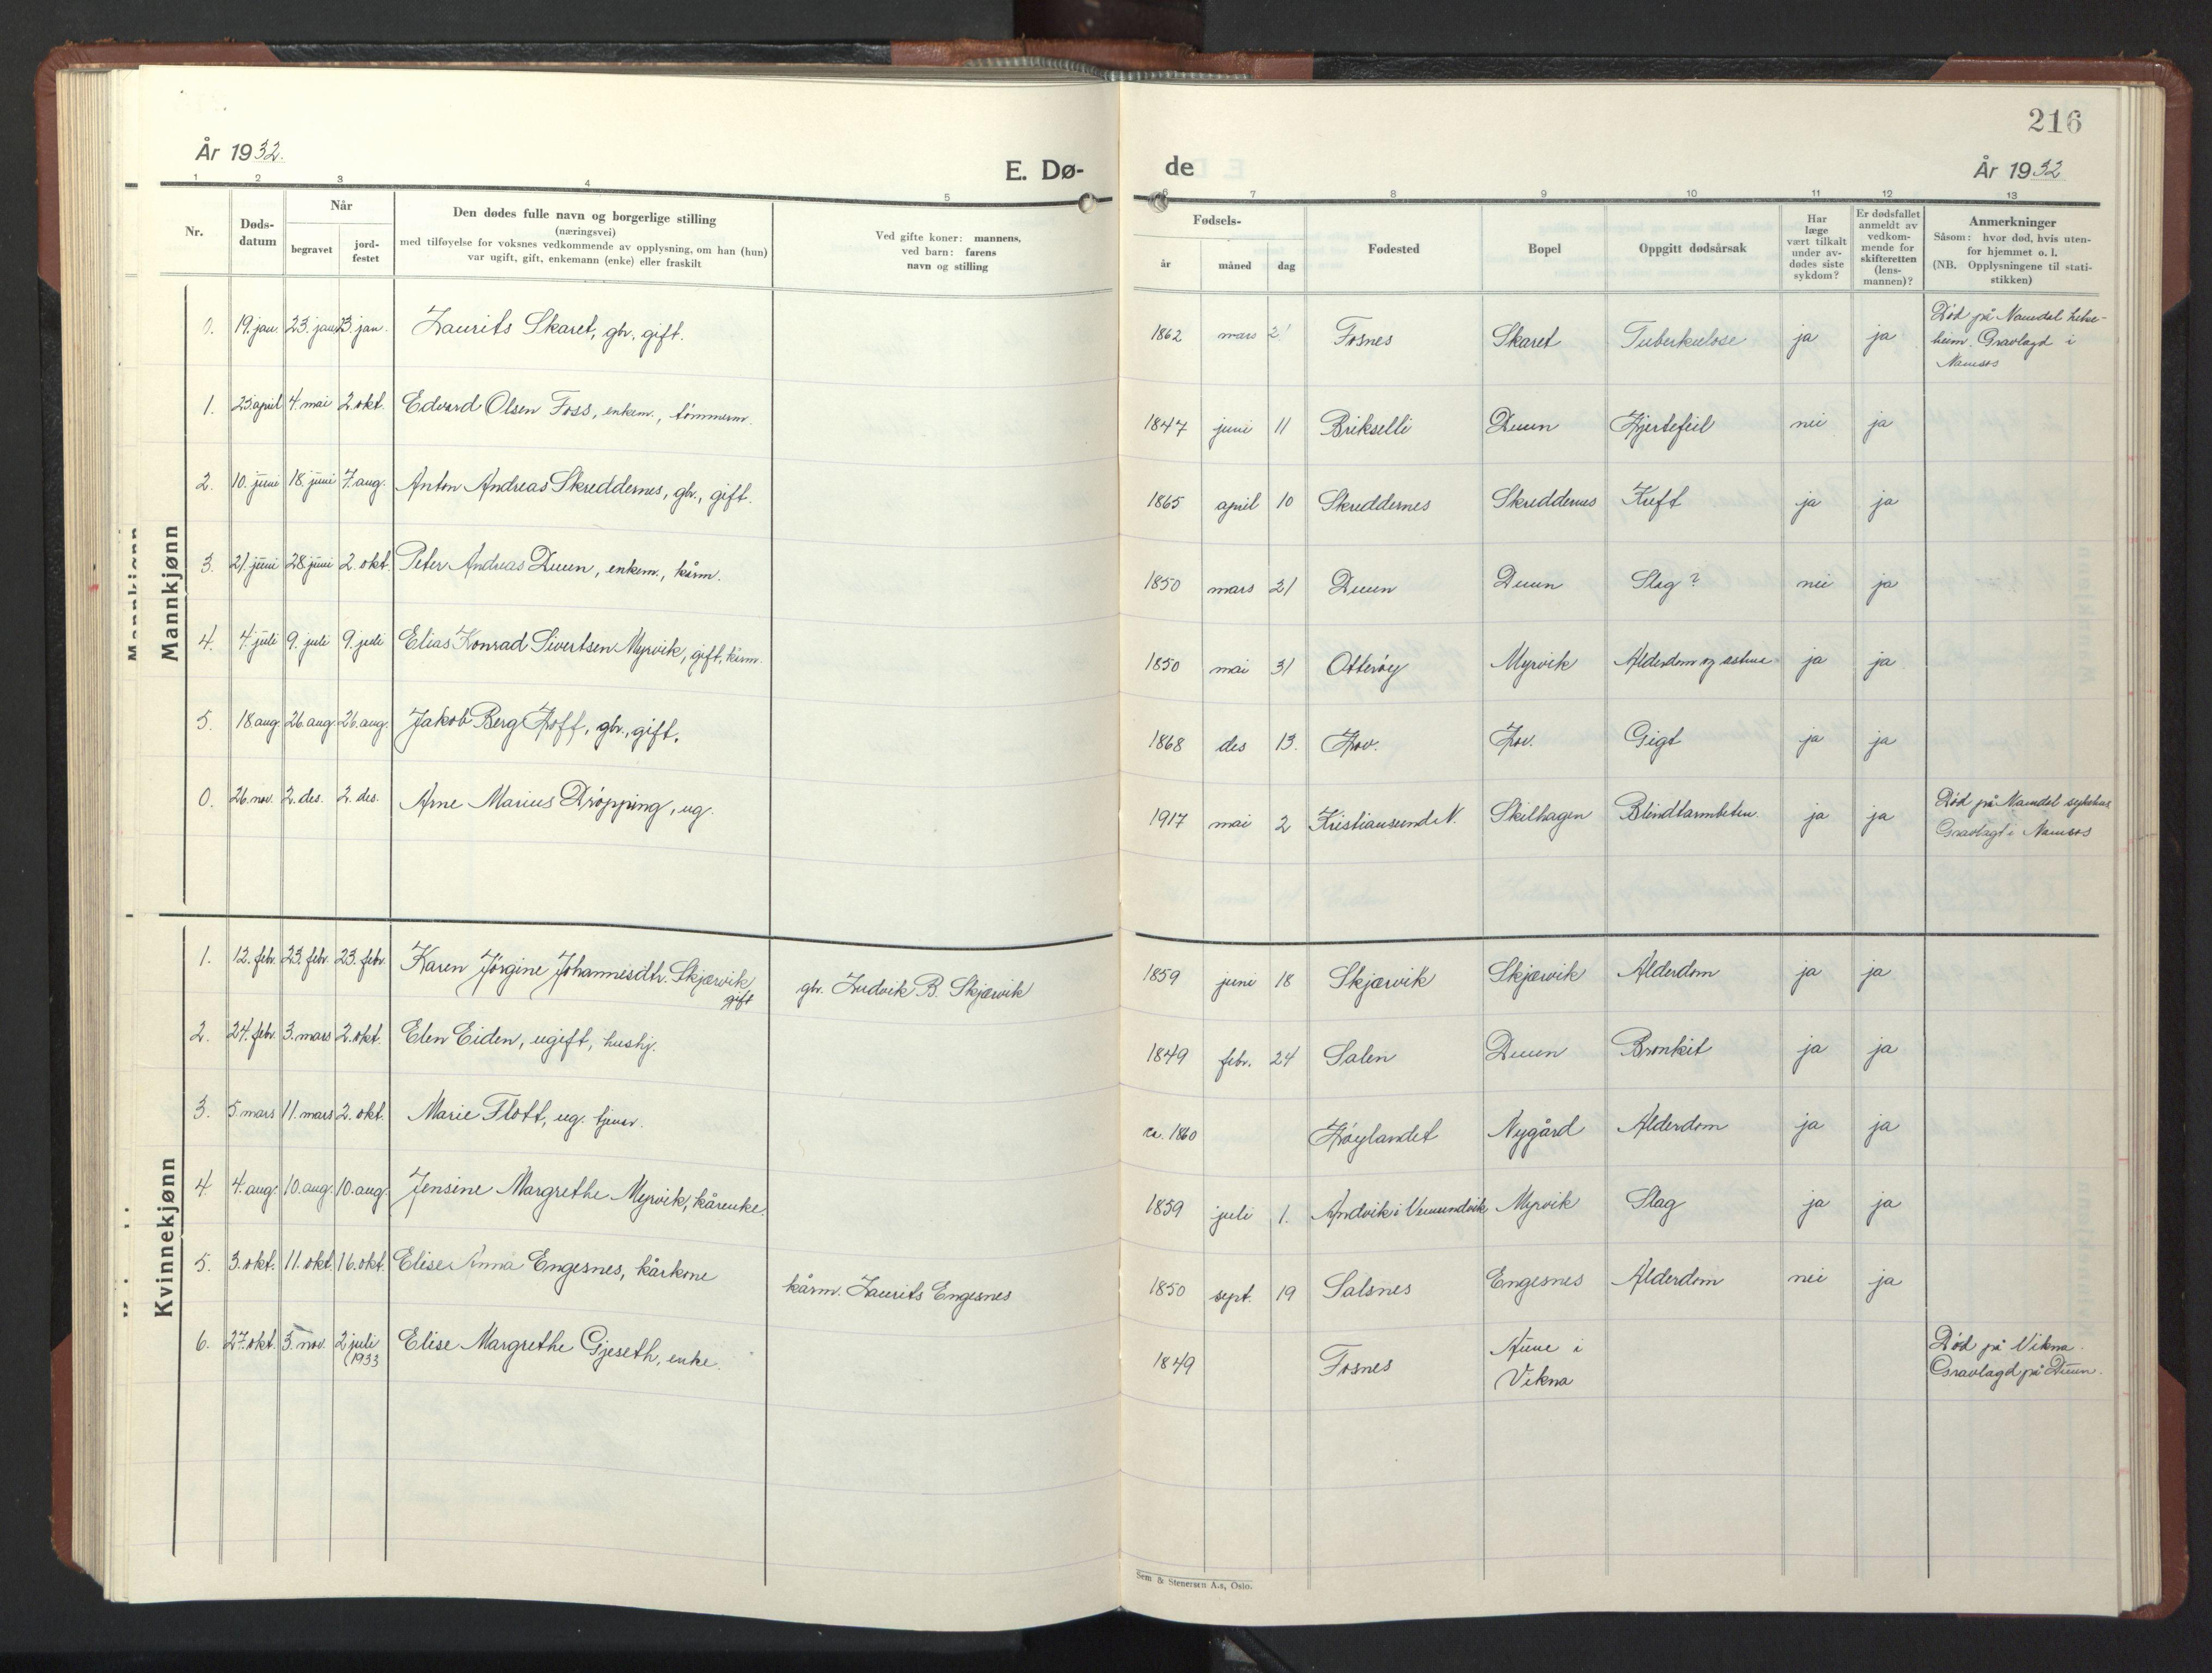 SAT, Ministerialprotokoller, klokkerbøker og fødselsregistre - Nord-Trøndelag, 773/L0625: Klokkerbok nr. 773C01, 1910-1952, s. 216